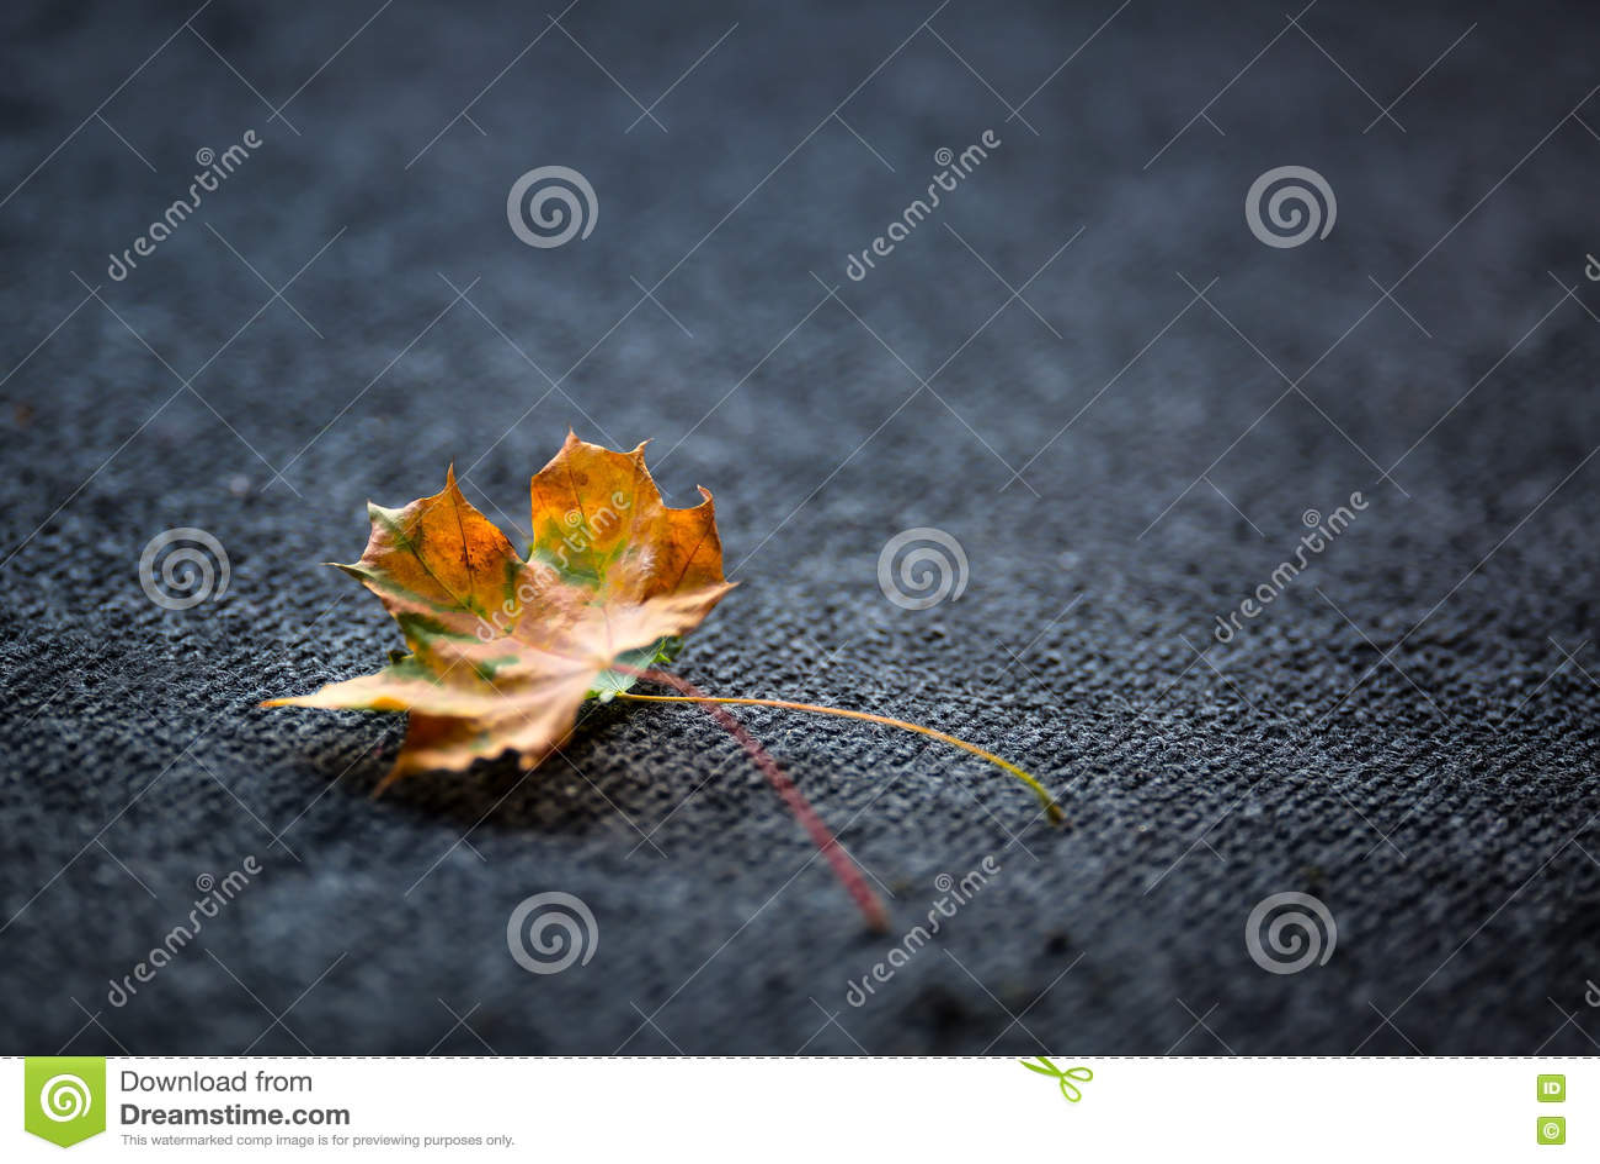 Autumn Leaves en eller två som läggas fritt på mörk matta